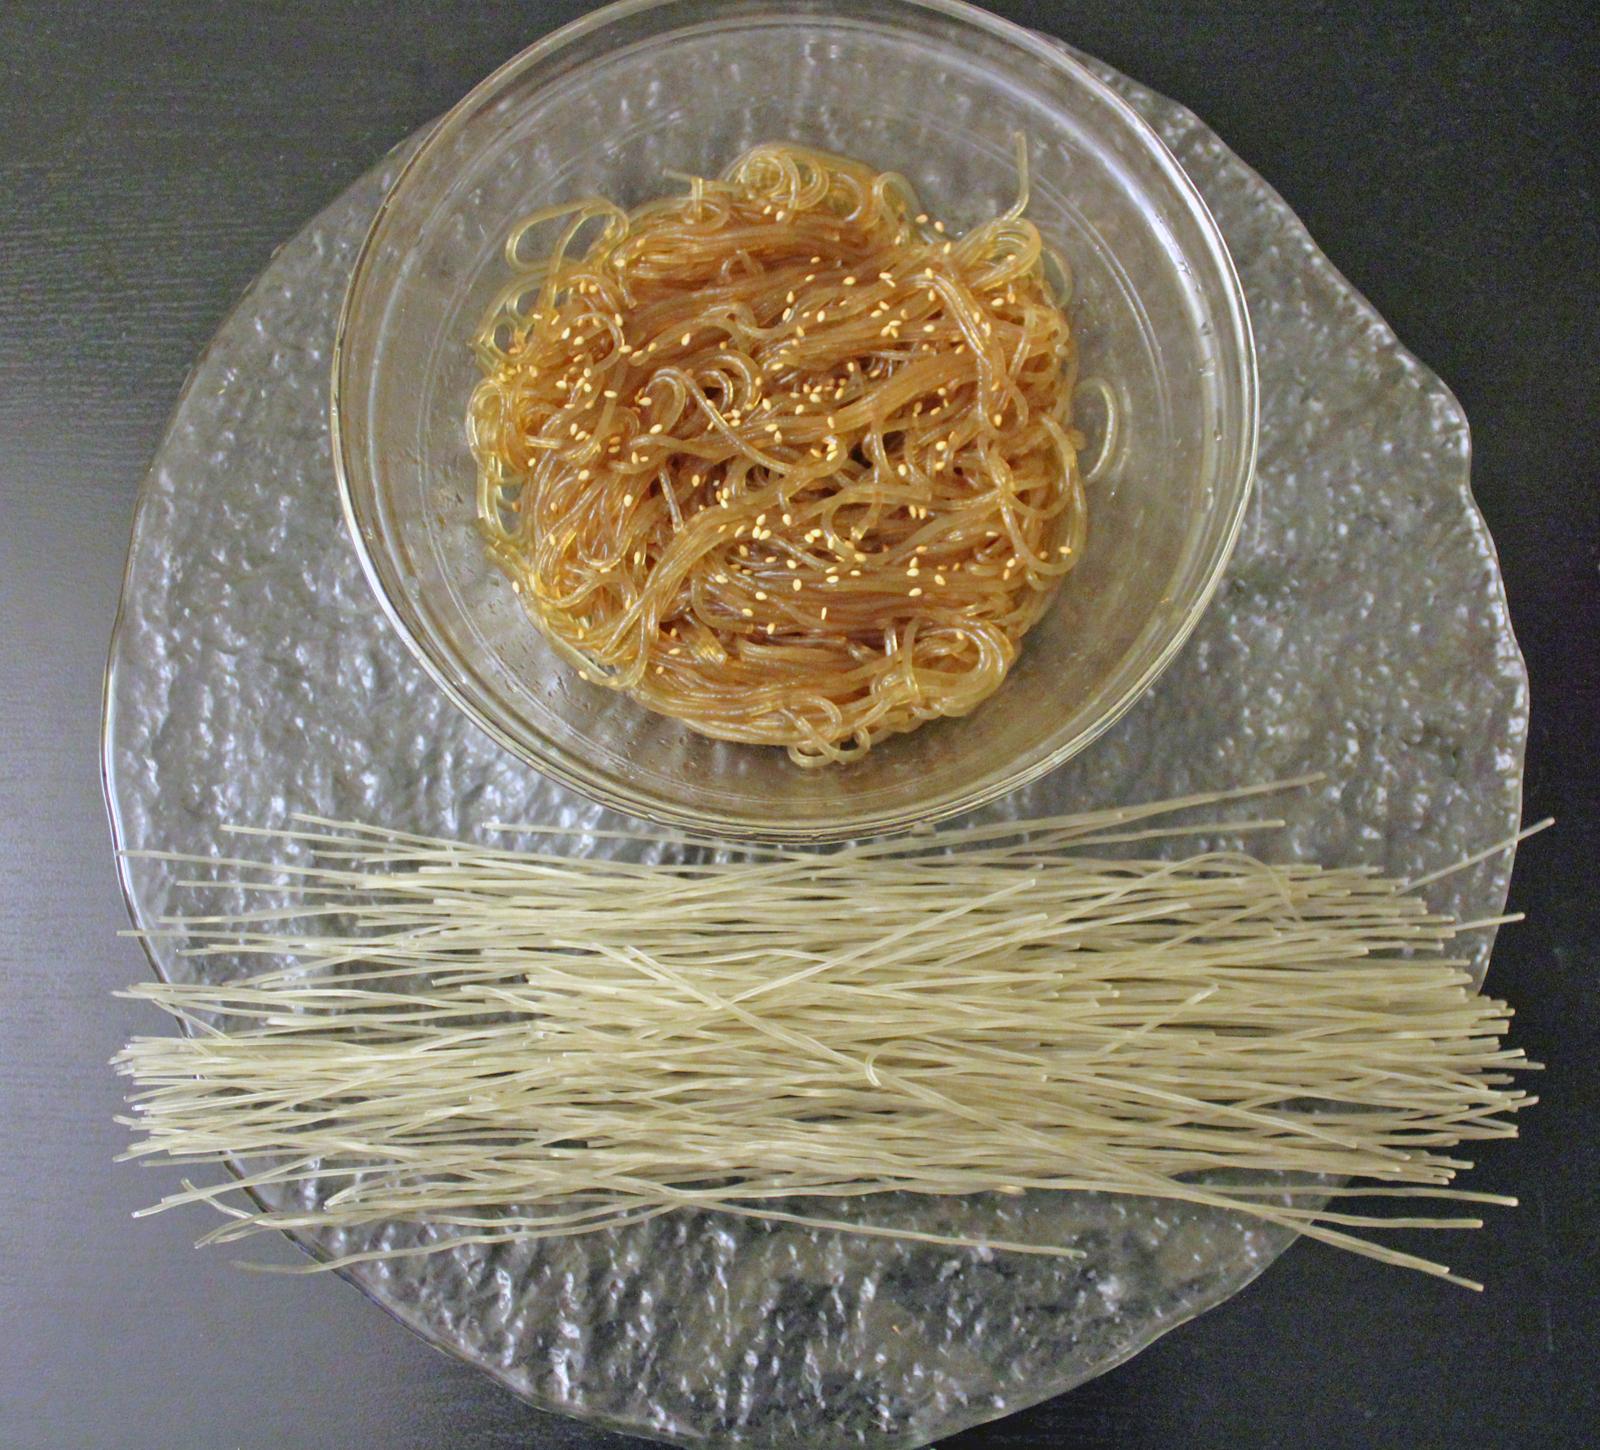 jap-chae-noodles